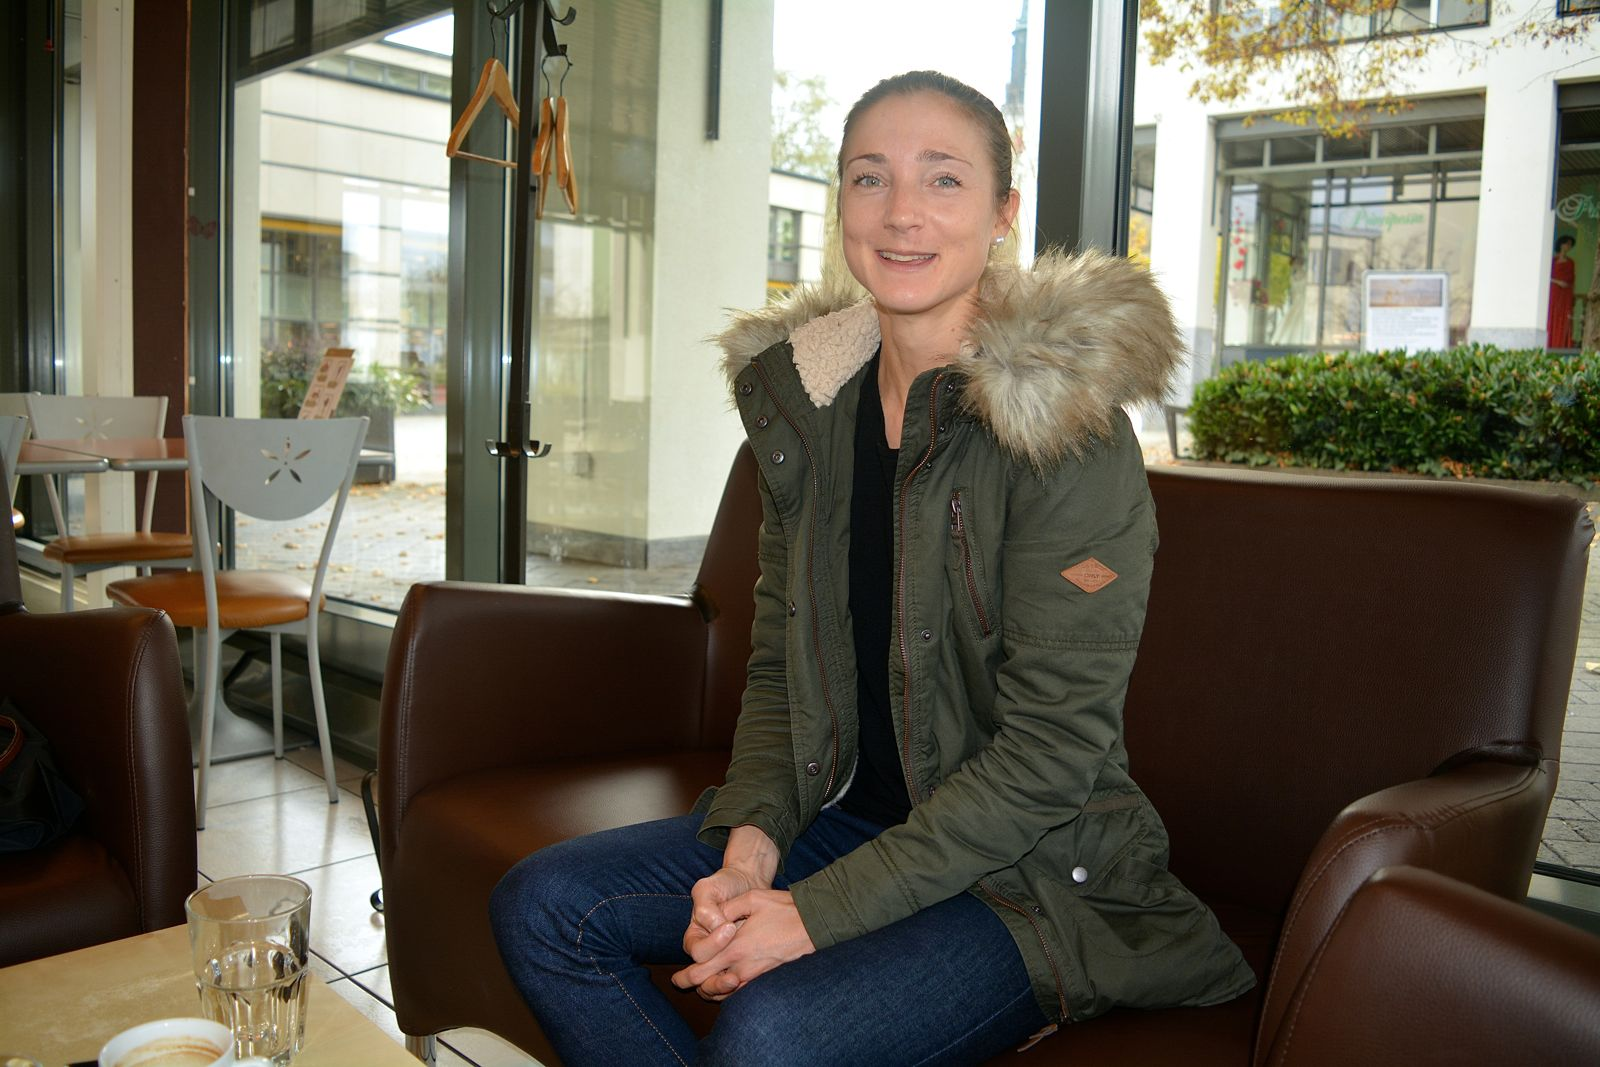 Wir trafen Susanne Rüegger im Café Luzia in Cham.